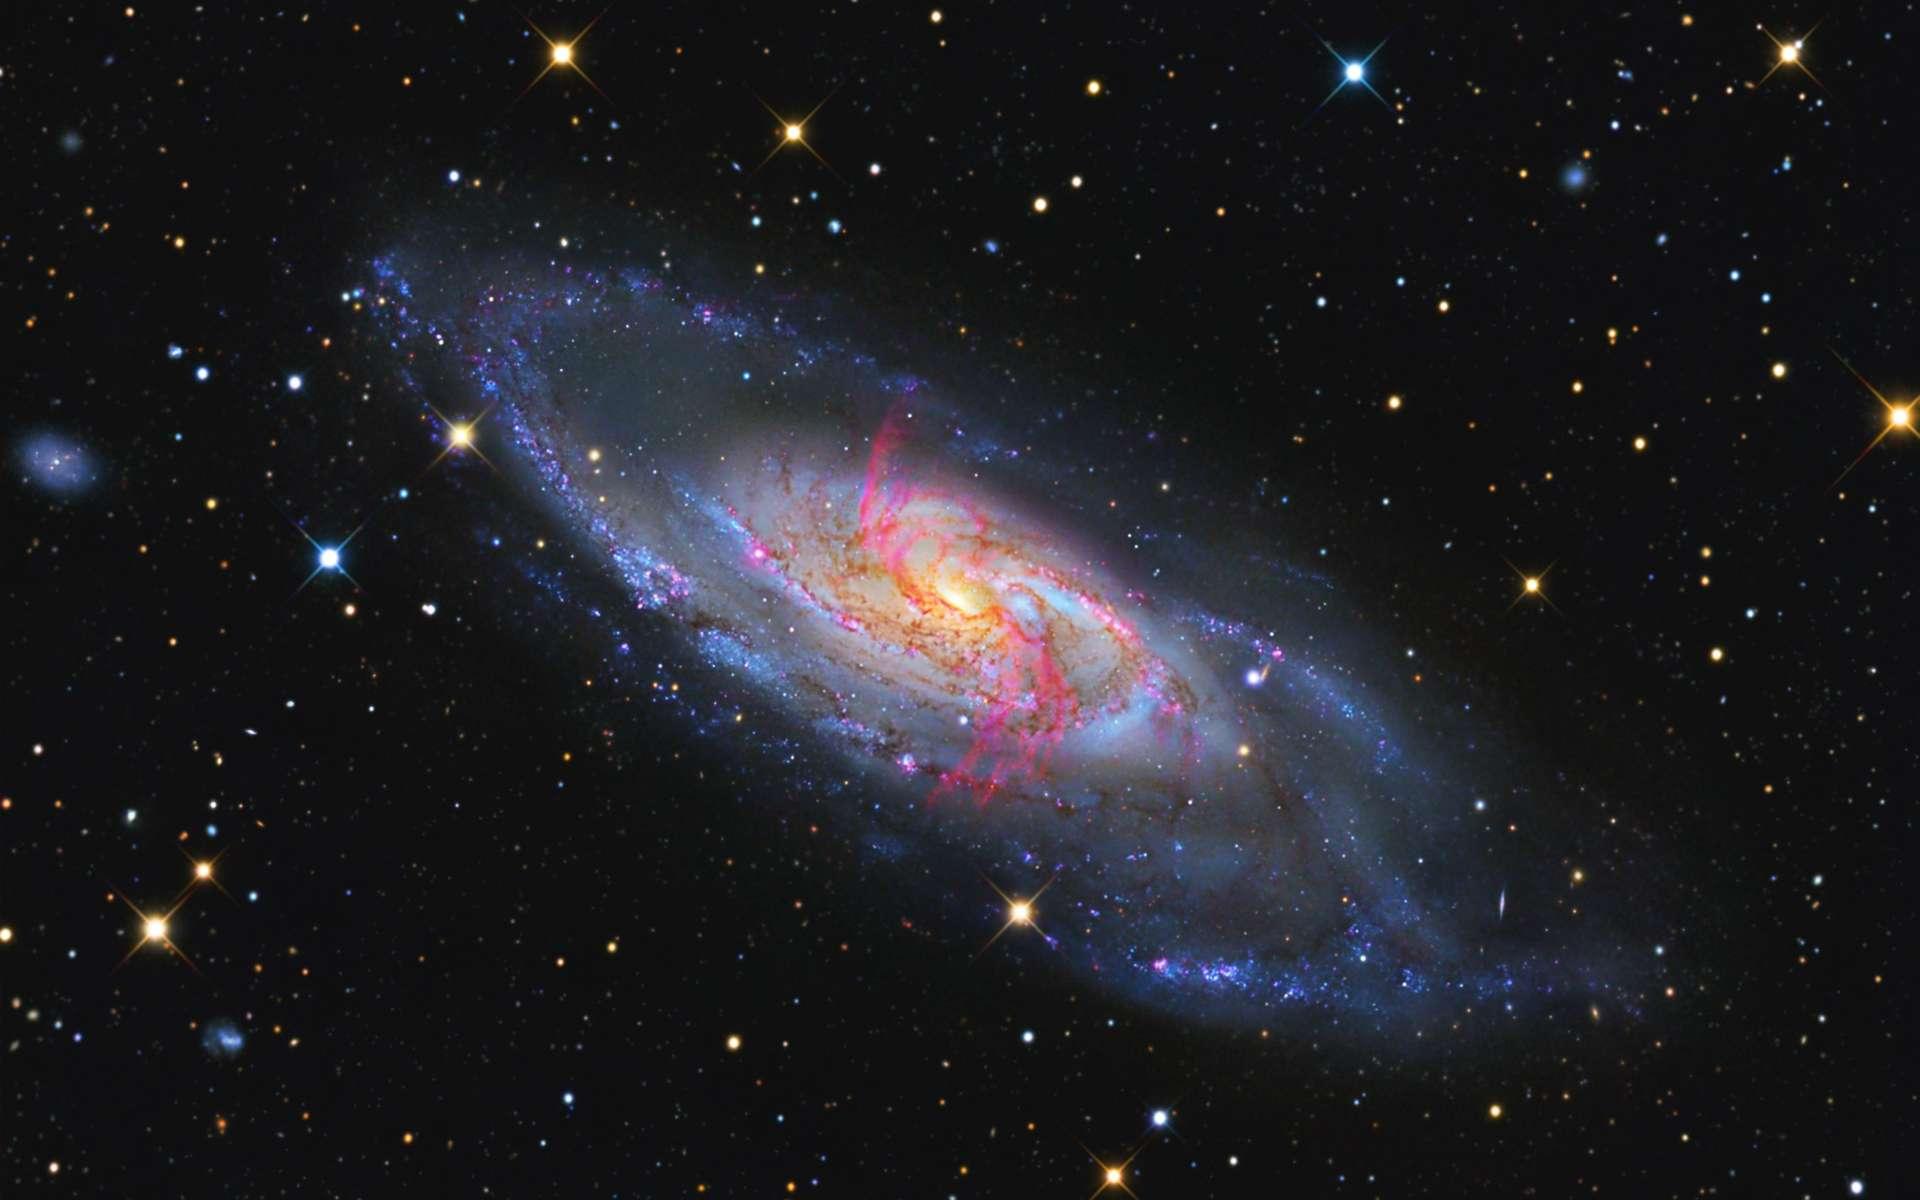 La galaxie spirale M 106 revisitée par l'astrophotographe Jay Gabany. Un des clichés qui composent l'image finale a été réalisé avec un filtre révélant les jets d'hydrogène ionisé issus du trou noir central. Crédit Jay Gabany